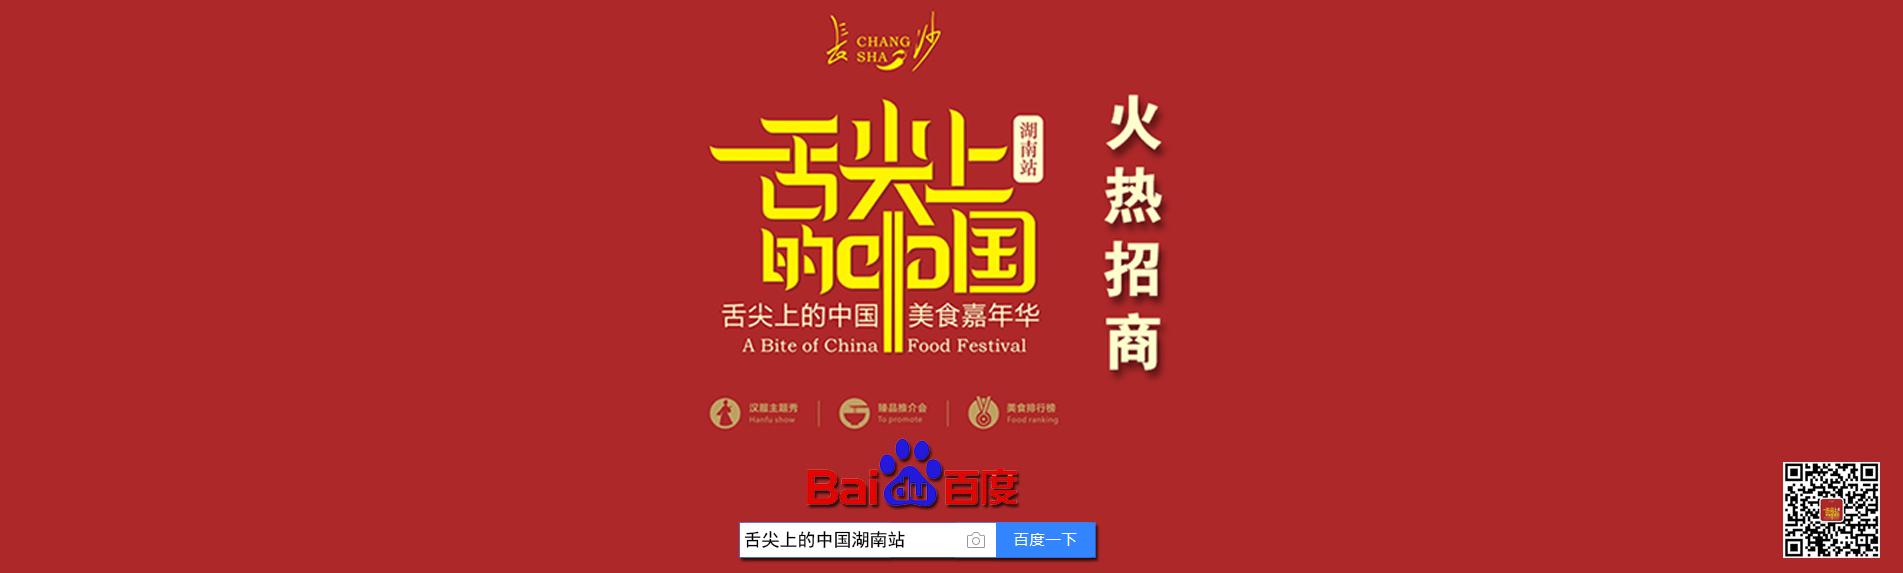 舌尖上的中国美食嘉年华湖南站